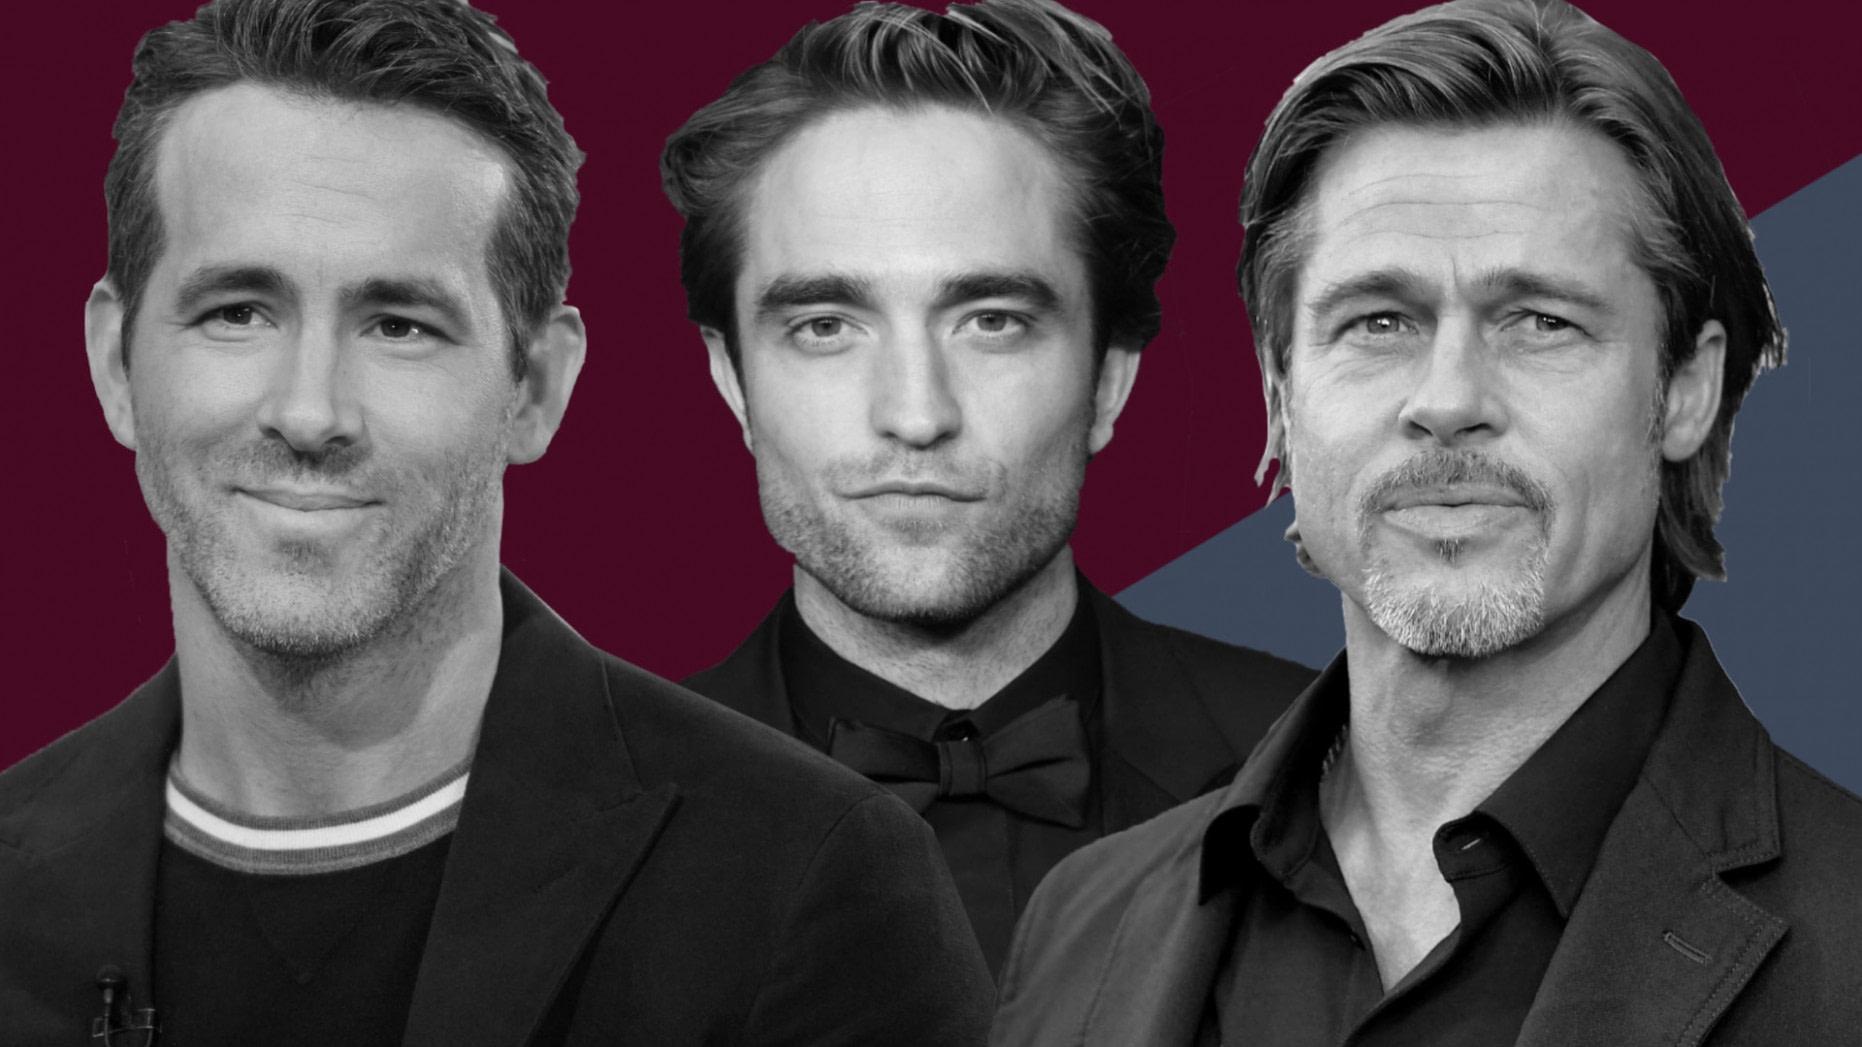 das beste Männerfrisuren 13: Die coolsten Frisuren im Überblick  GQ Germany